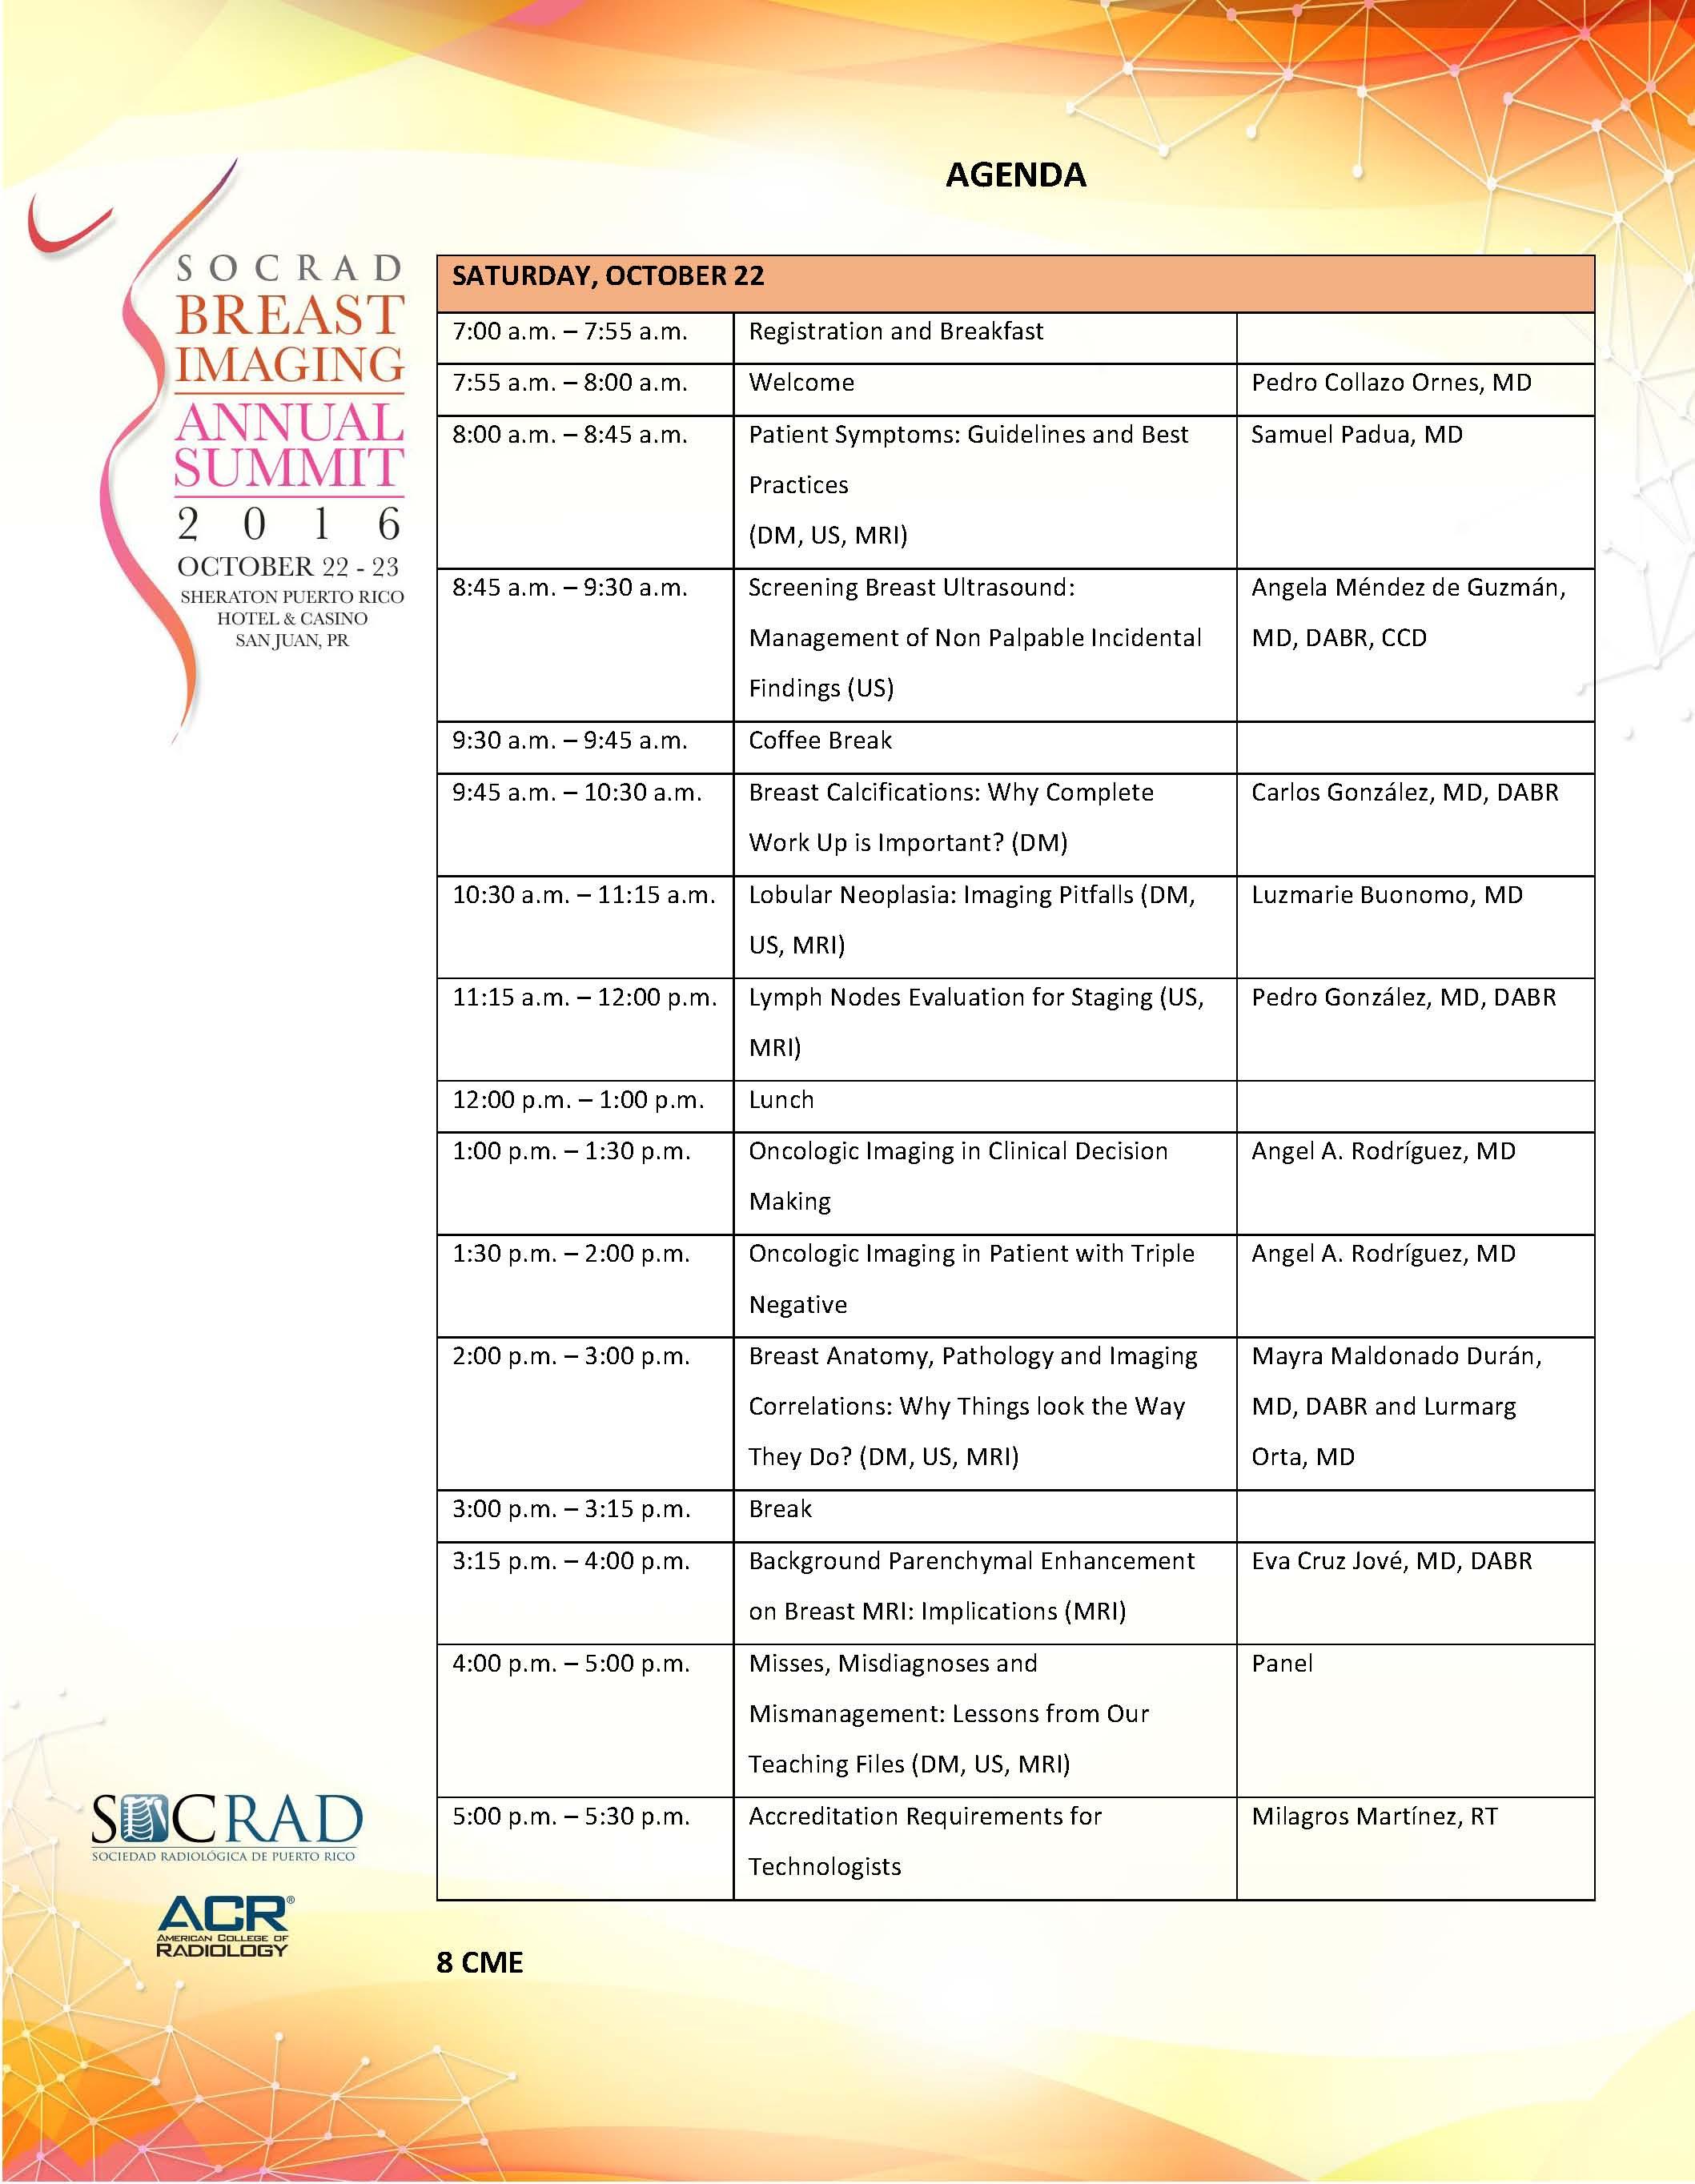 SOCRAD Breast Imaging Annual Summit